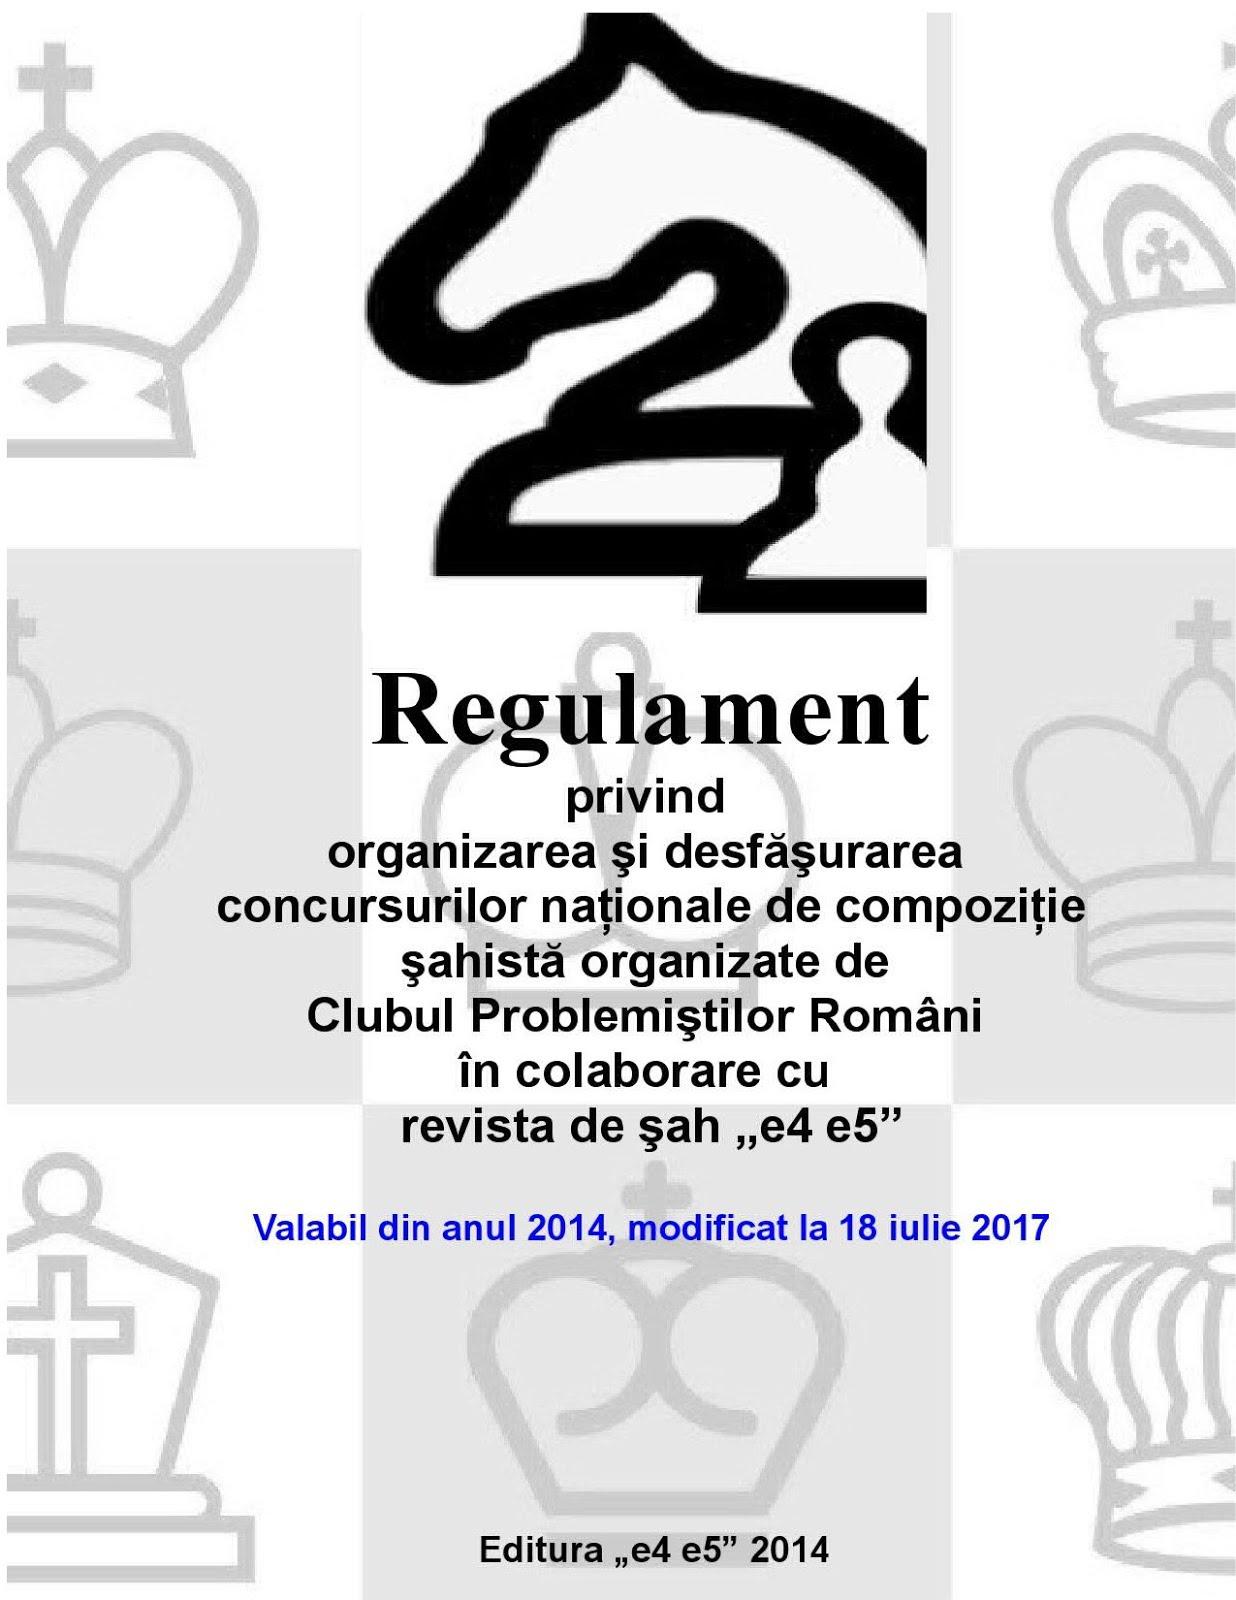 Regulament privind organizarea și desfășurarea concursurilor naționale de compoziție șahistă